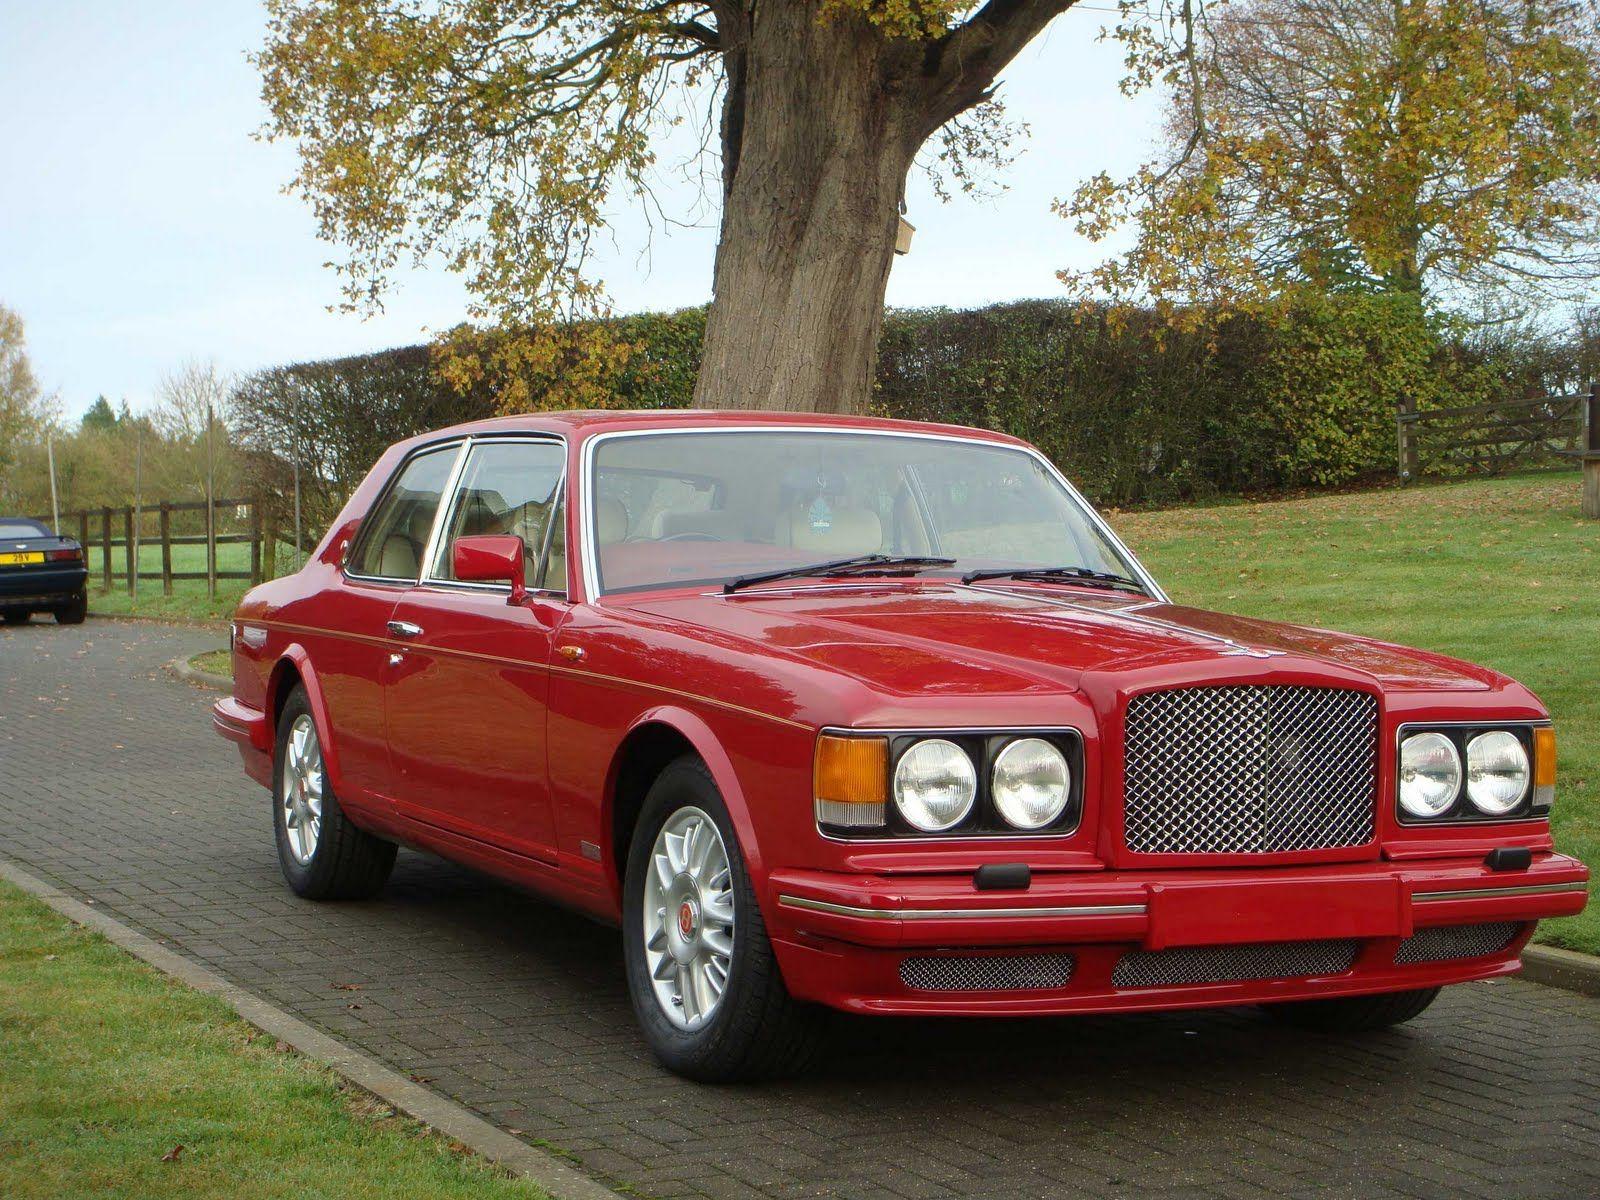 1990 bentley hooper 2 door turbo r my 2nd favorite car after